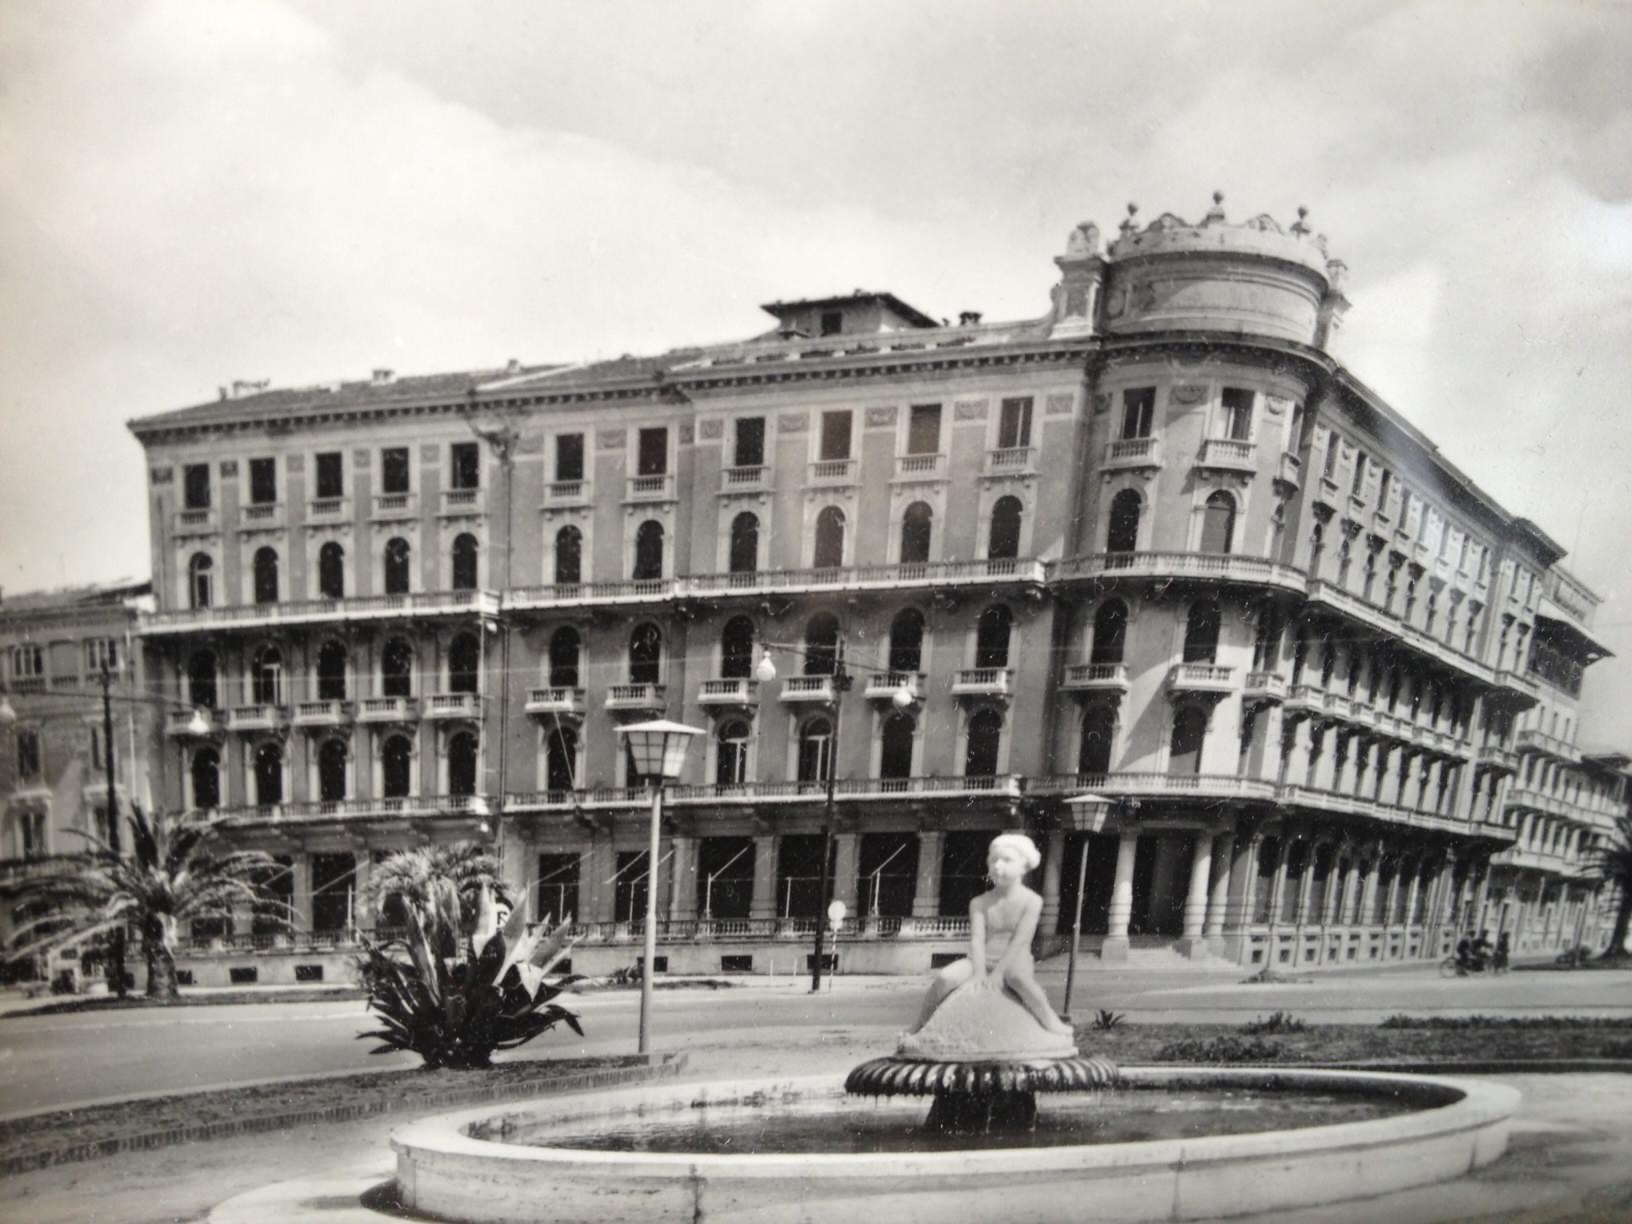 Piscine All Aperto Piemonte la storia del principe di piemonte - a spasso con galatea